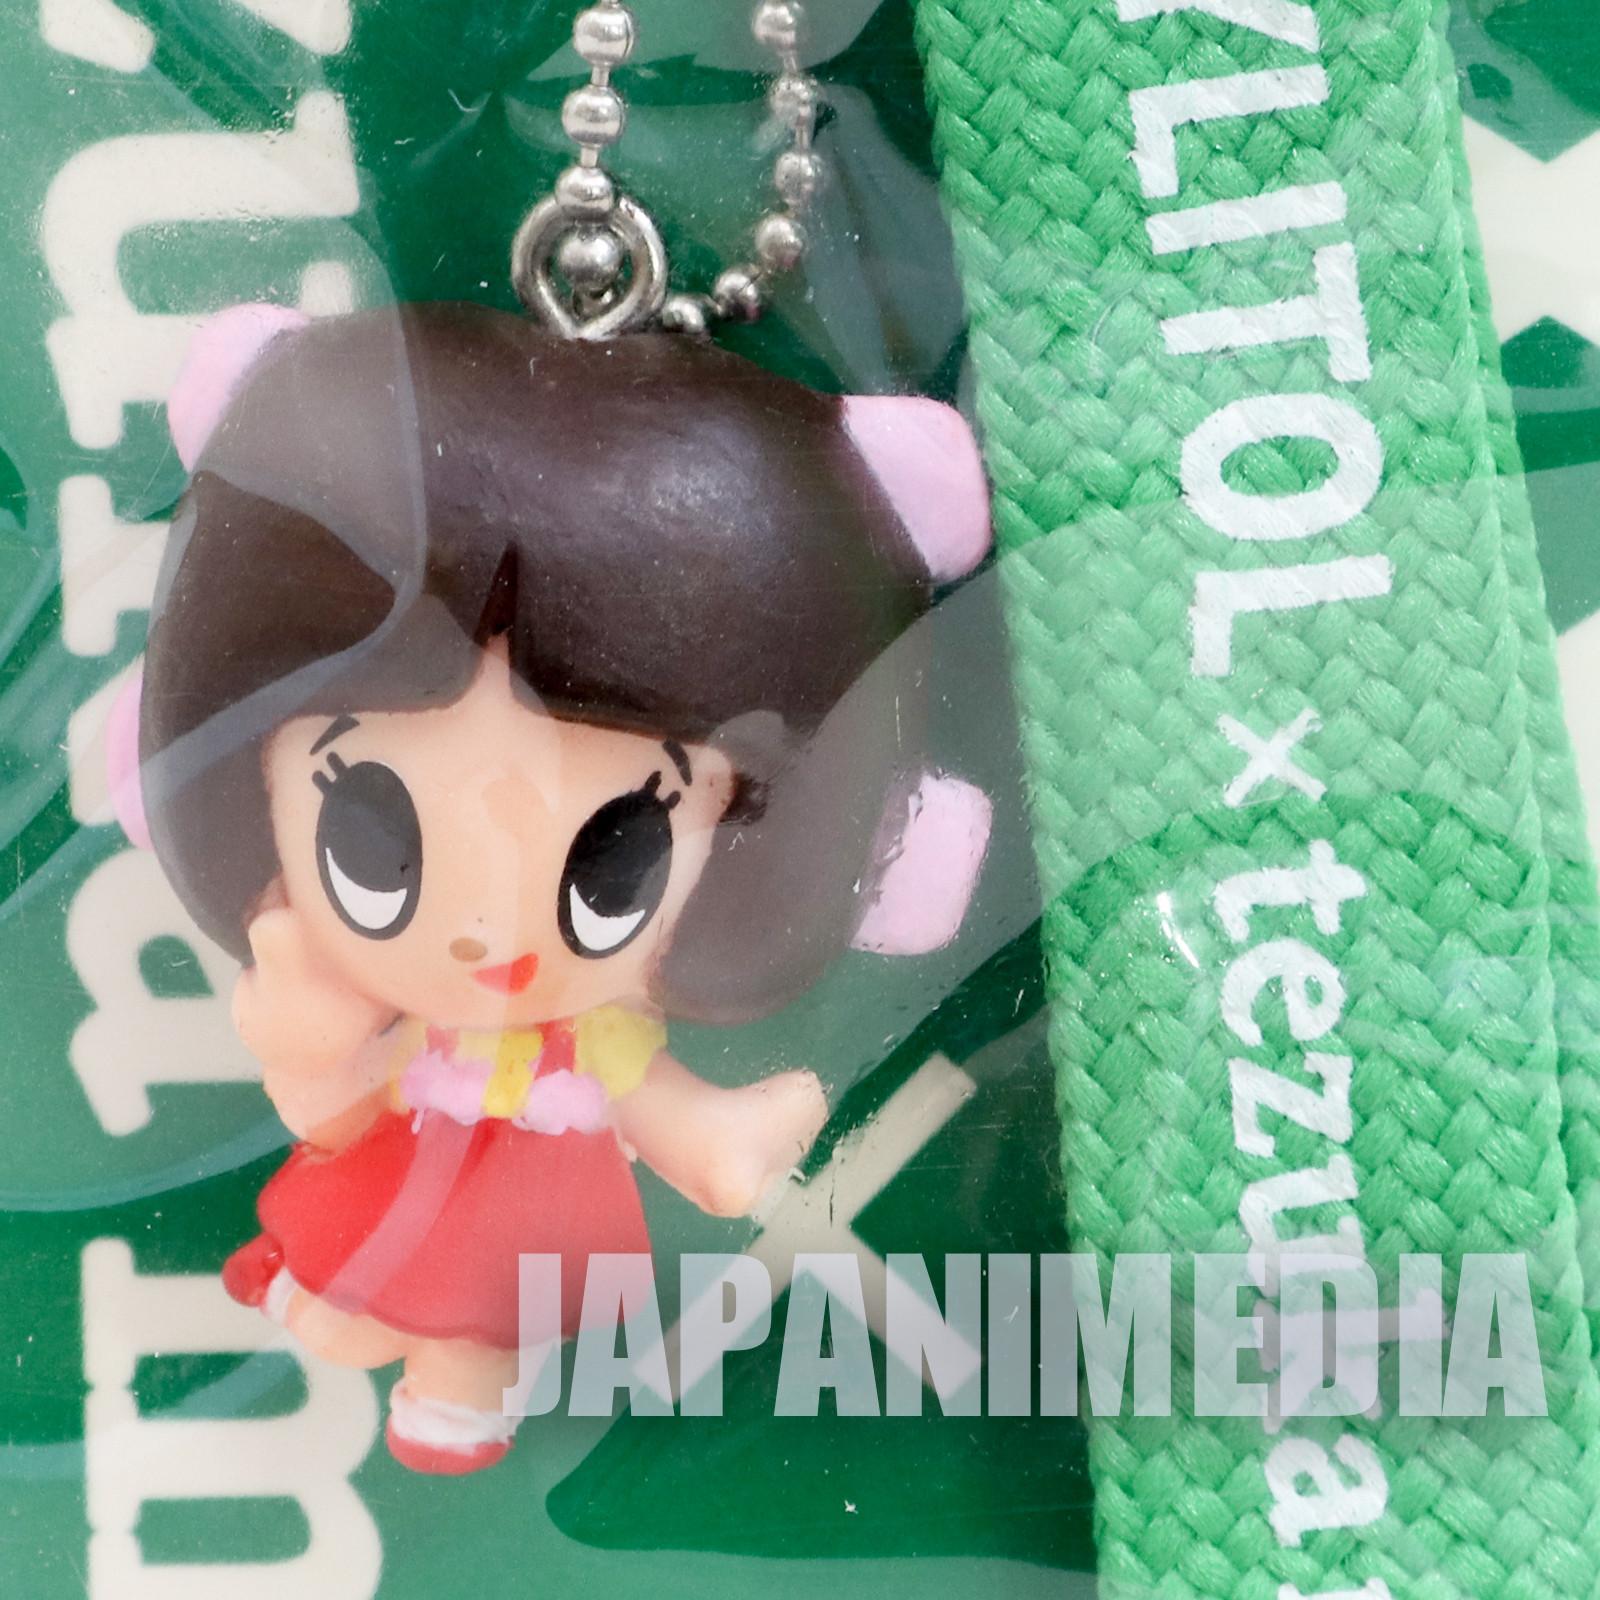 Black Jack Pinoko Mascot Figure Strap XYLITOL 10th Anniversary Tezuka Osamu JAPAN ANIME